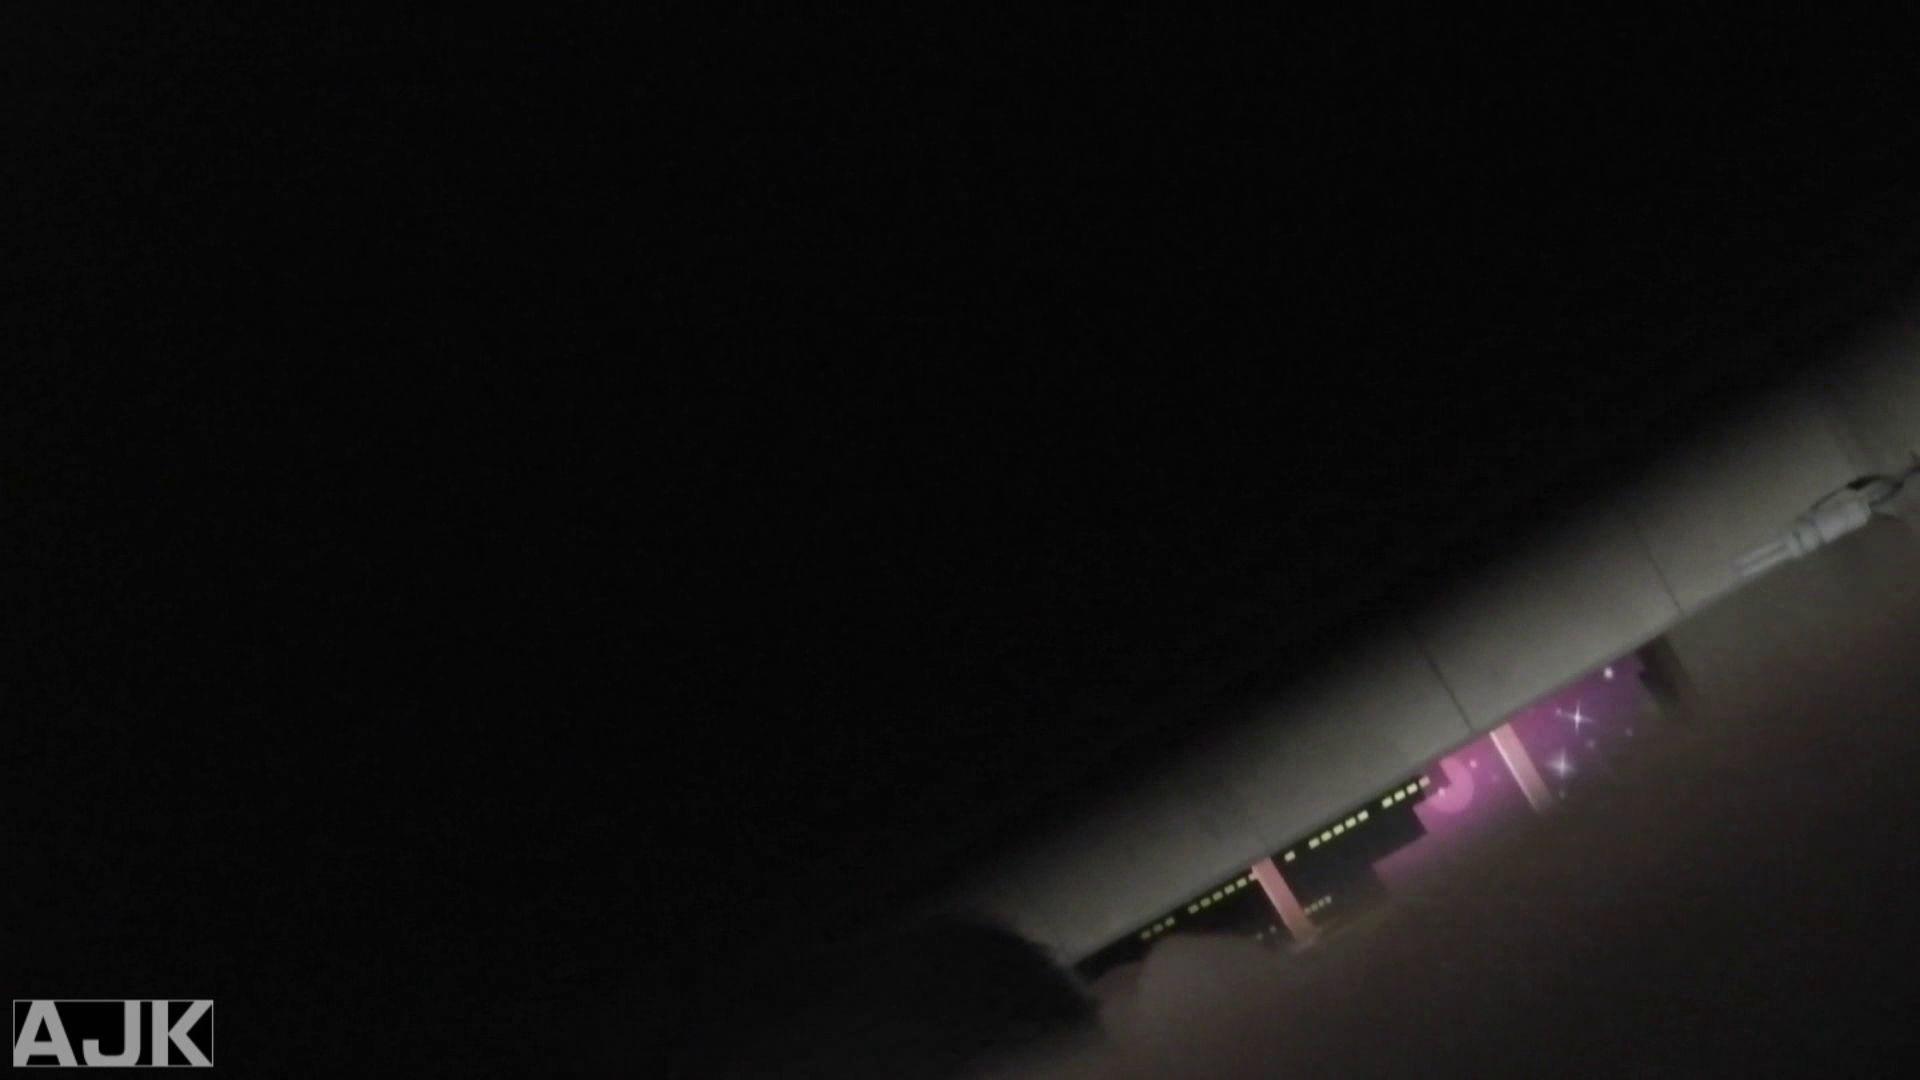 神降臨!史上最強の潜入かわや! vol.10 オマンコ特別編 ワレメ動画紹介 80枚 4